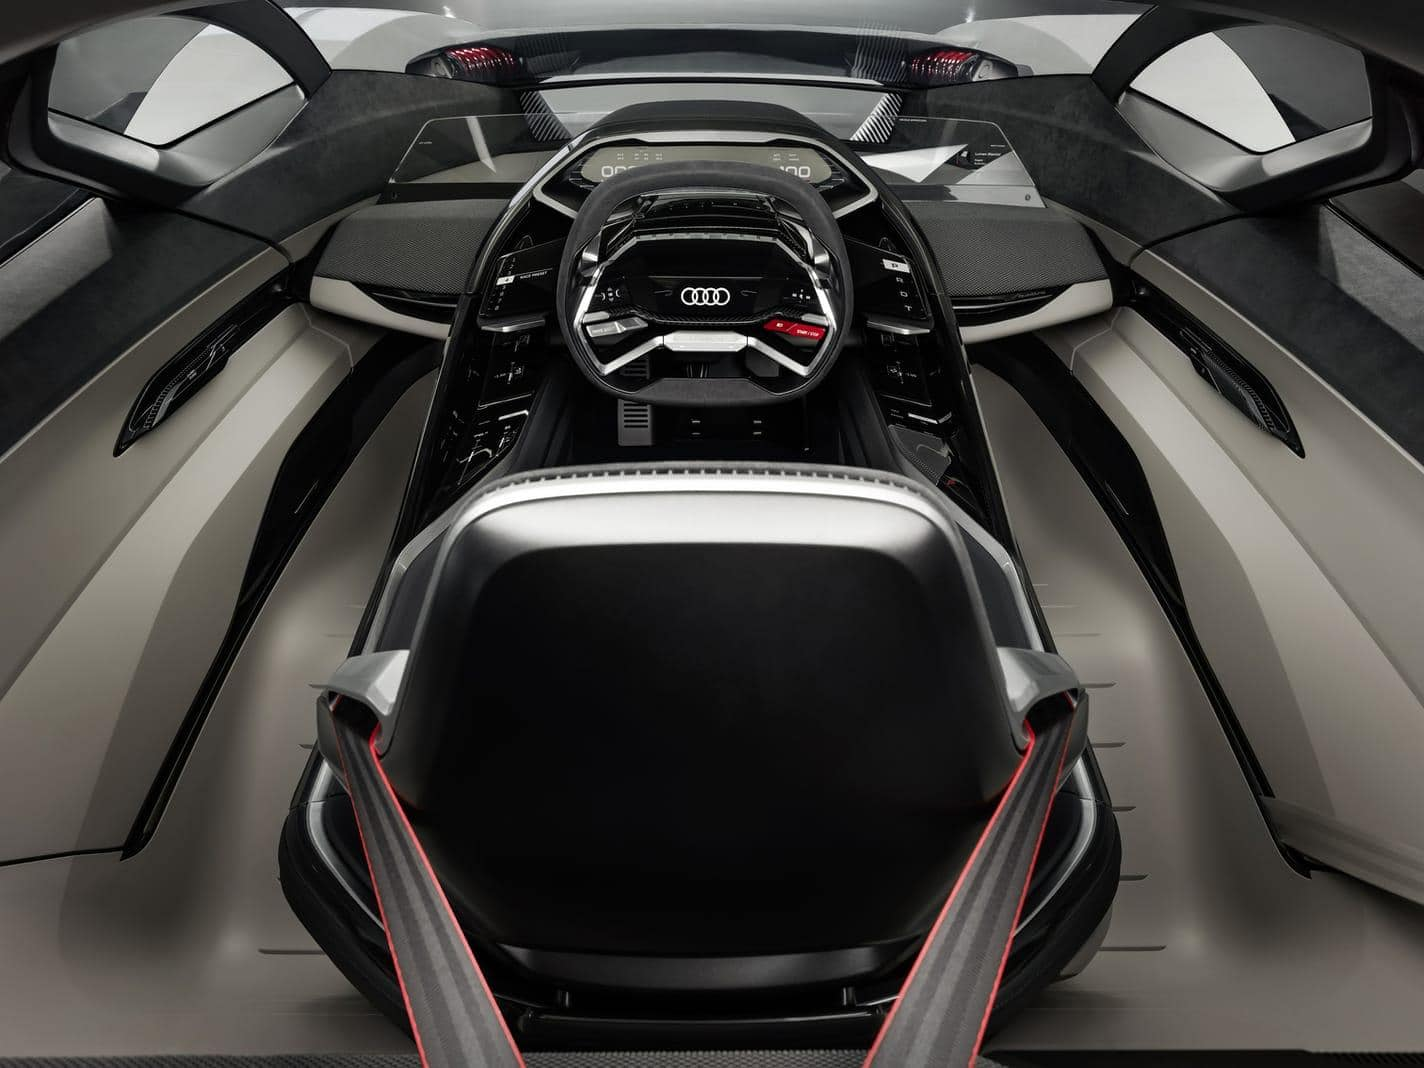 <p>Der Fahrersitz lässt sich stattdessen dank einerseitwärts verschiebbaren Monocoque-Schale mittig positionieren.</p> Foto: AUDI AG